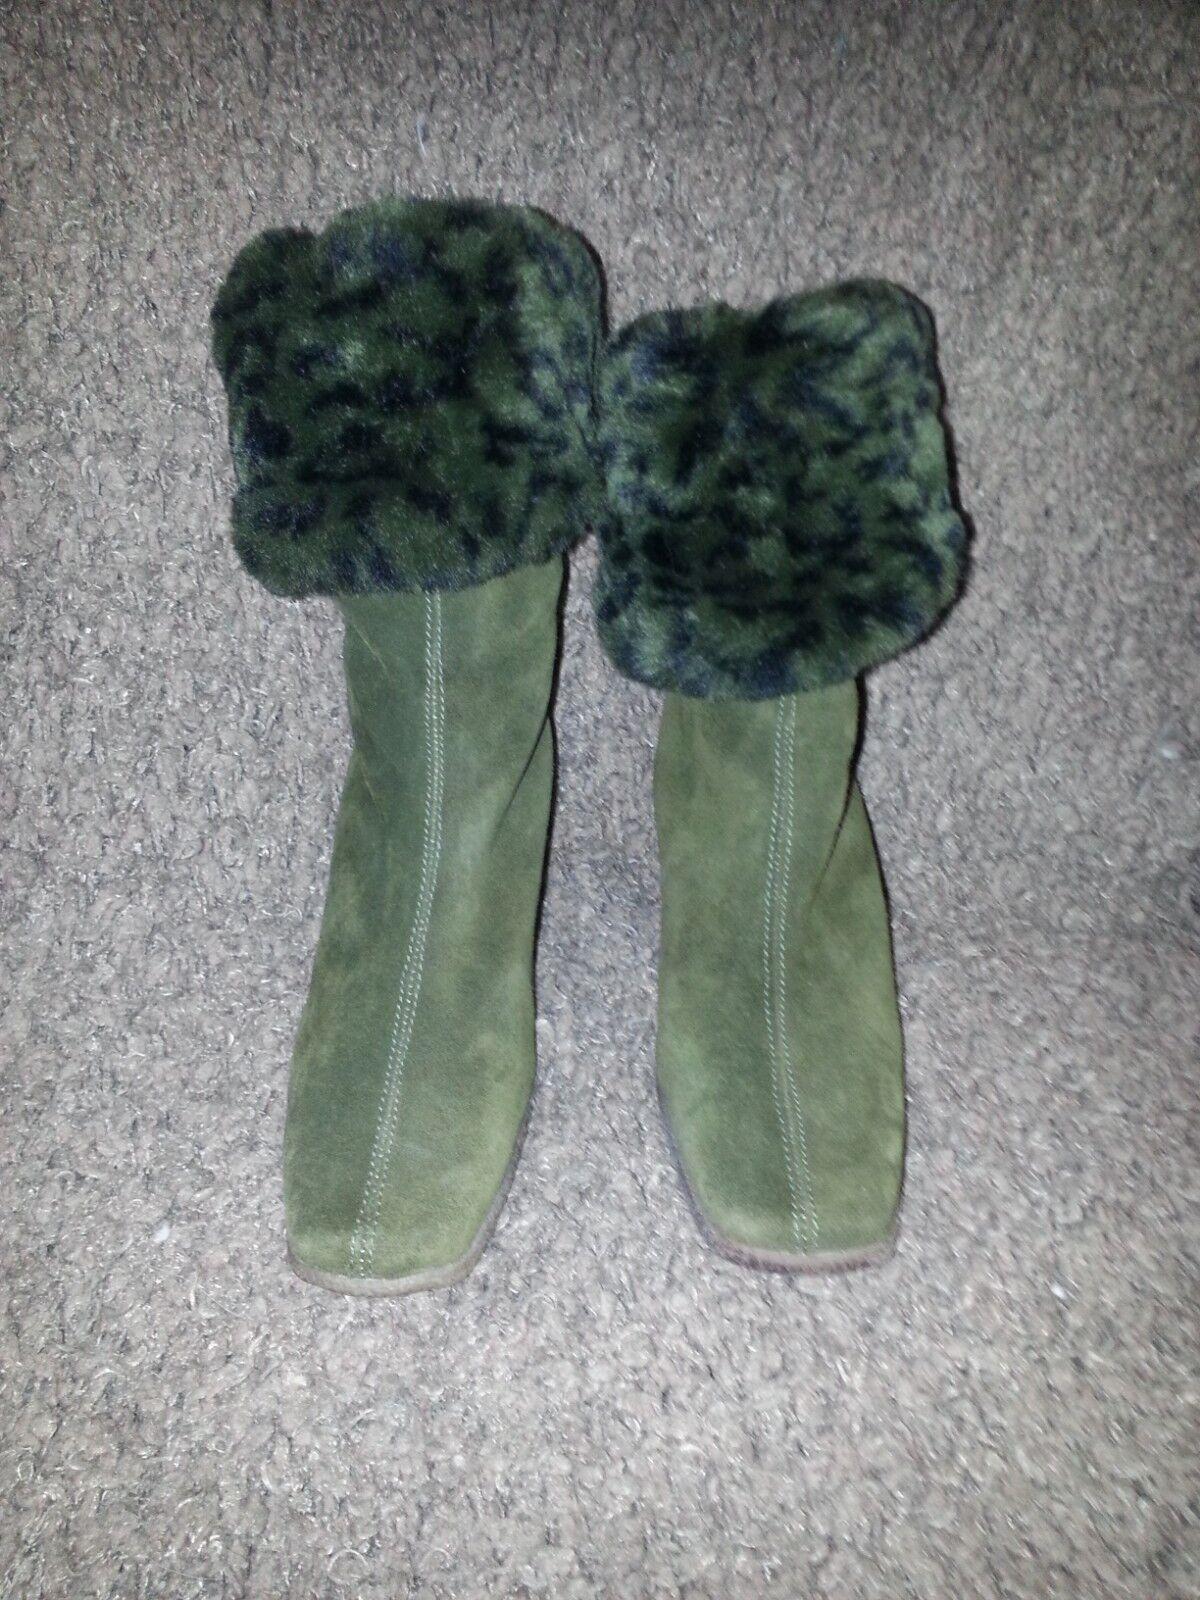 Aquatalia-ante verde-Animal verde-Animal verde-Animal Print-Forrado De Piel Sintética botas de cuña-Talla 6-casi Nuevo 4da20f